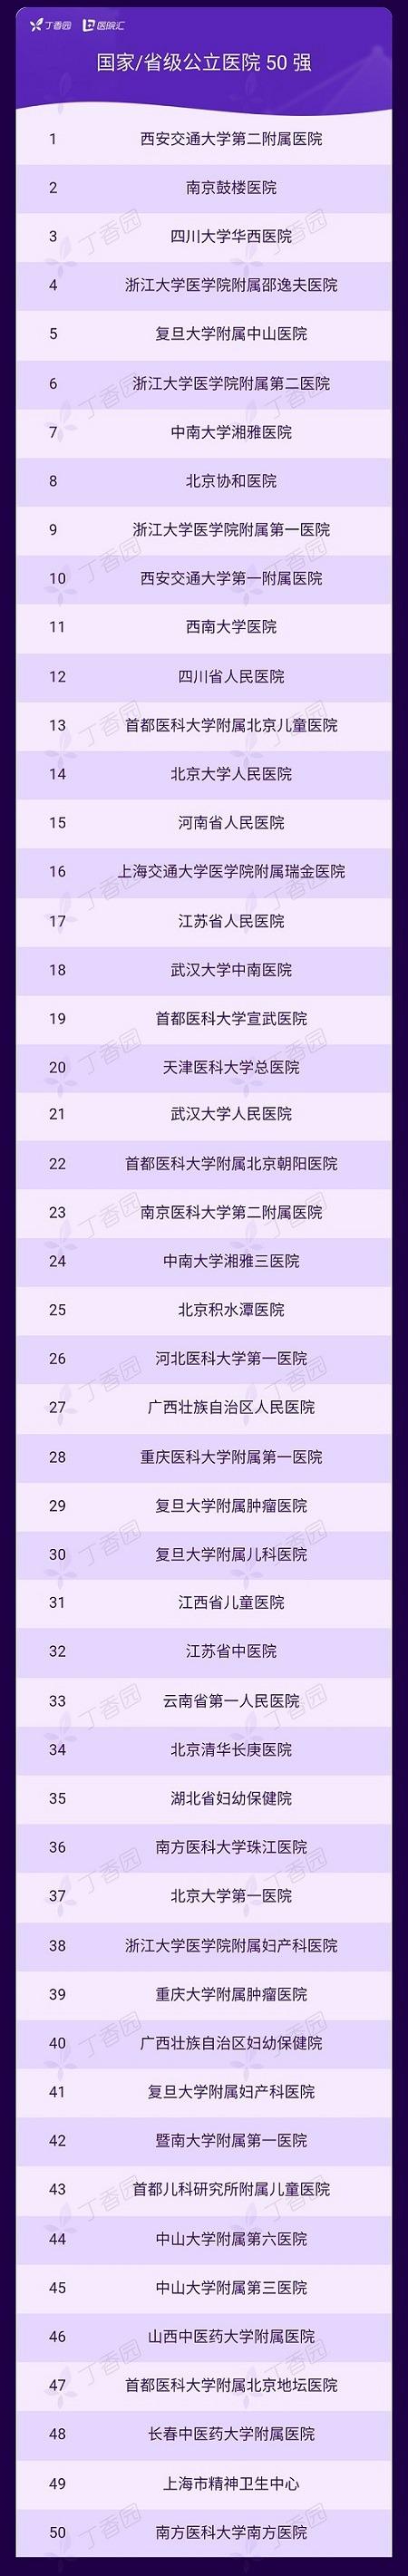 丁香园发布2019年度「中国医疗机构品牌传播百强榜」